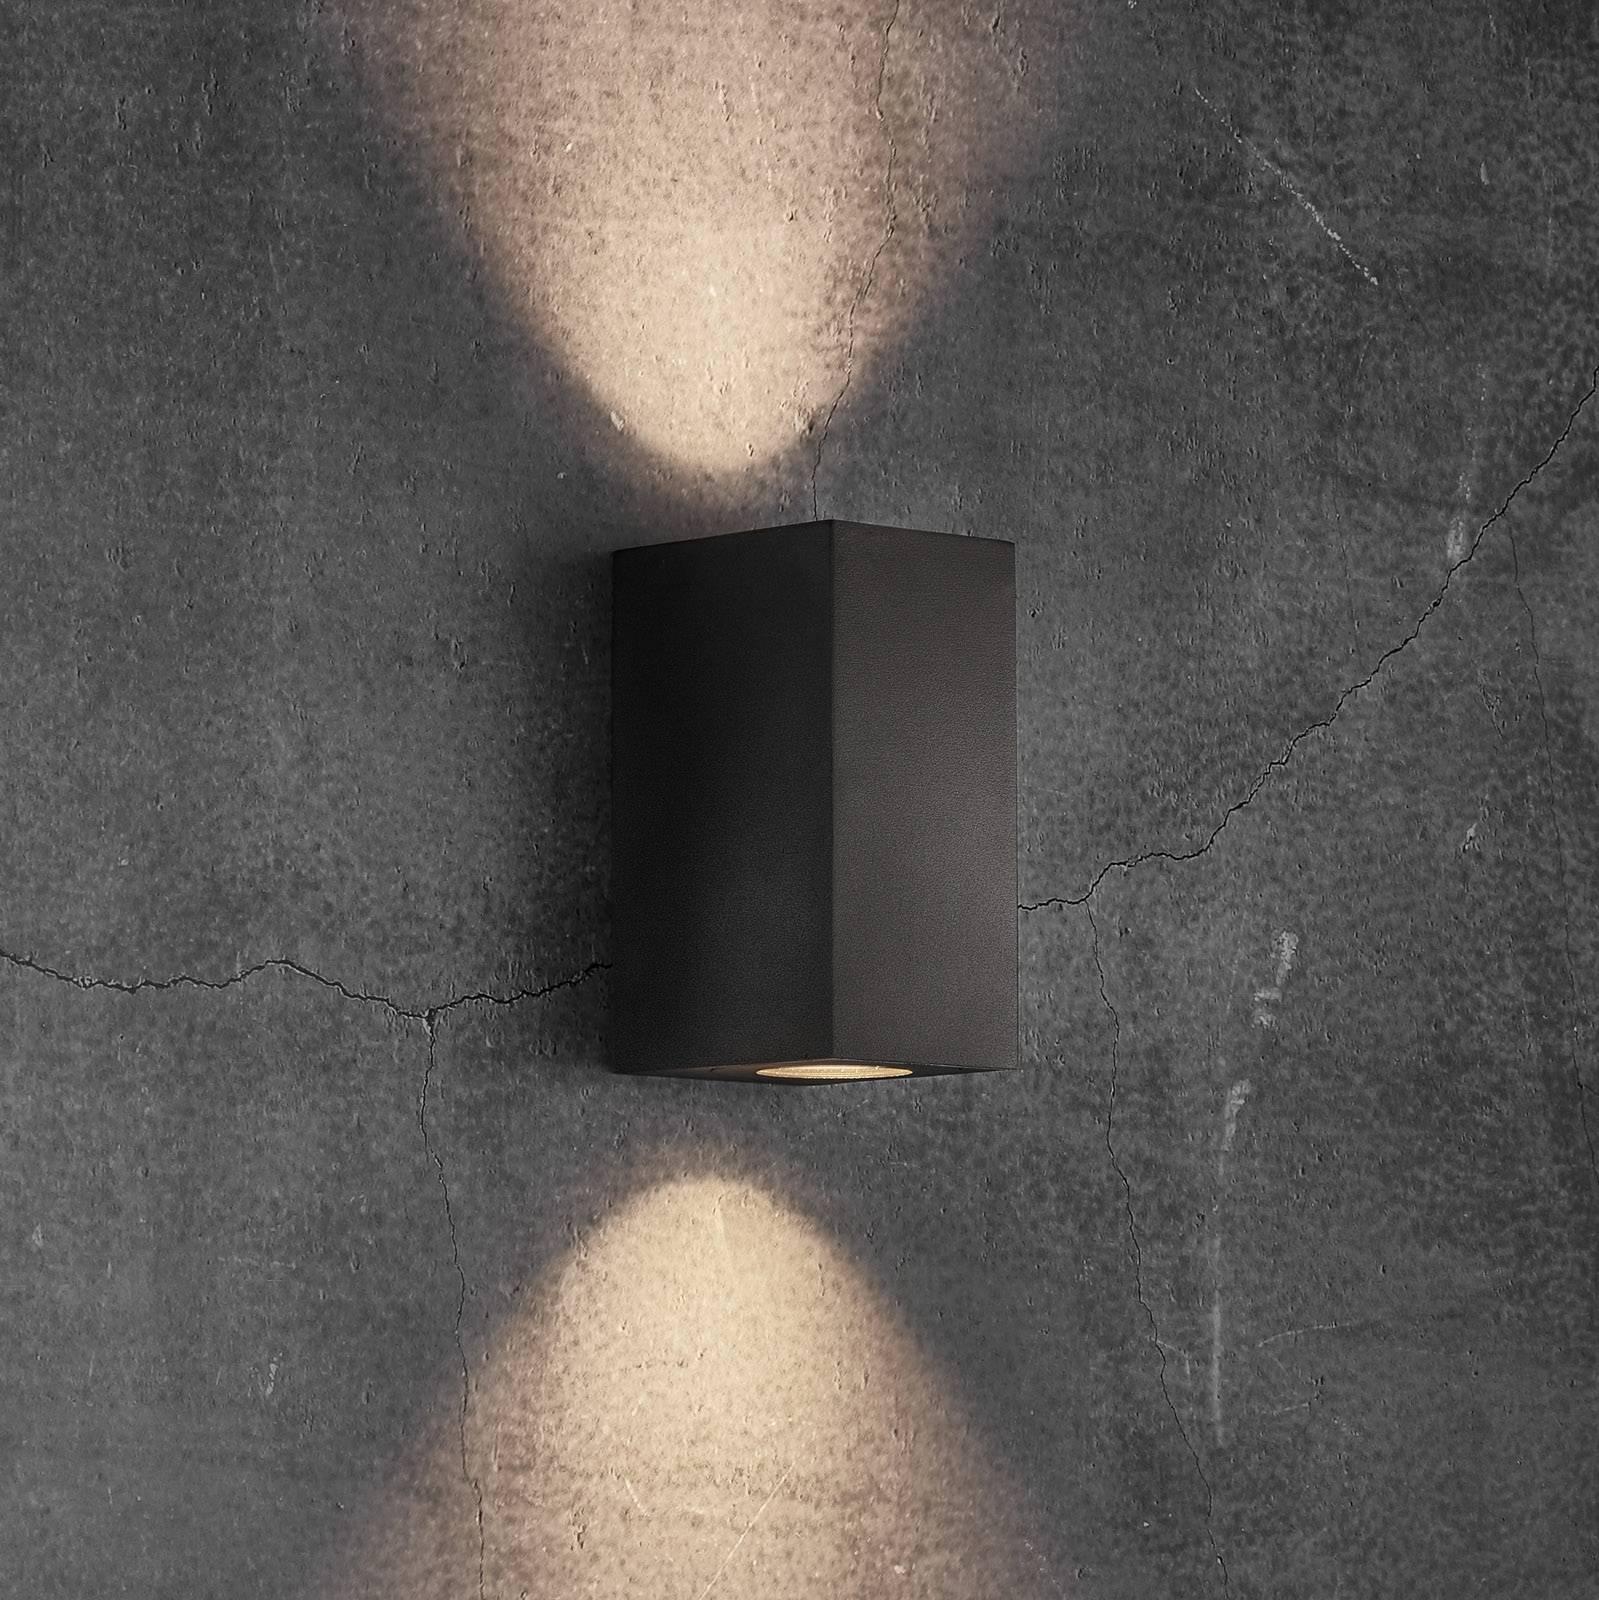 Ulkoseinävalaisin Canto Maxi Kubi 2, 17 cm, musta